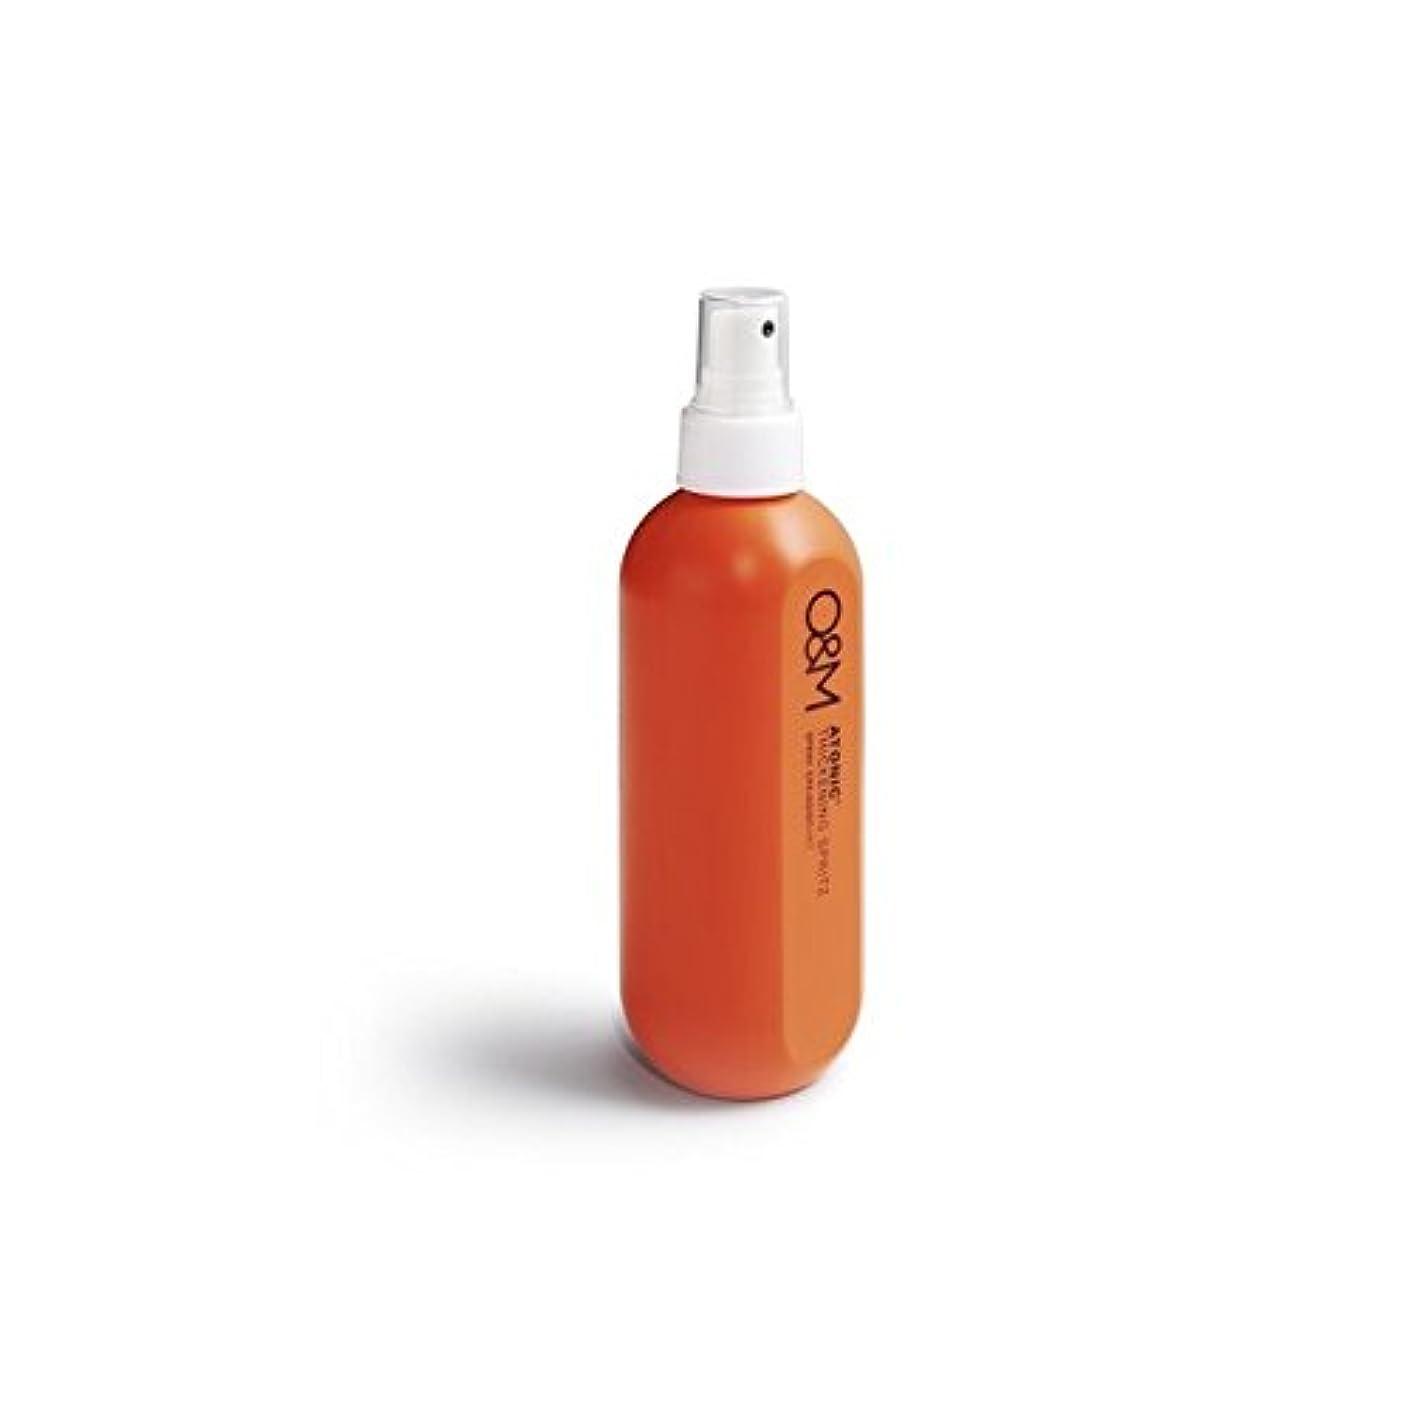 爆発提出する修正するOriginal & Mineral Atonic Thickening Spritz (250ml) (Pack of 6) - オリジナル&ミネラル脱力増粘スプリッツ(250ミリリットル) x6 [並行輸入品]